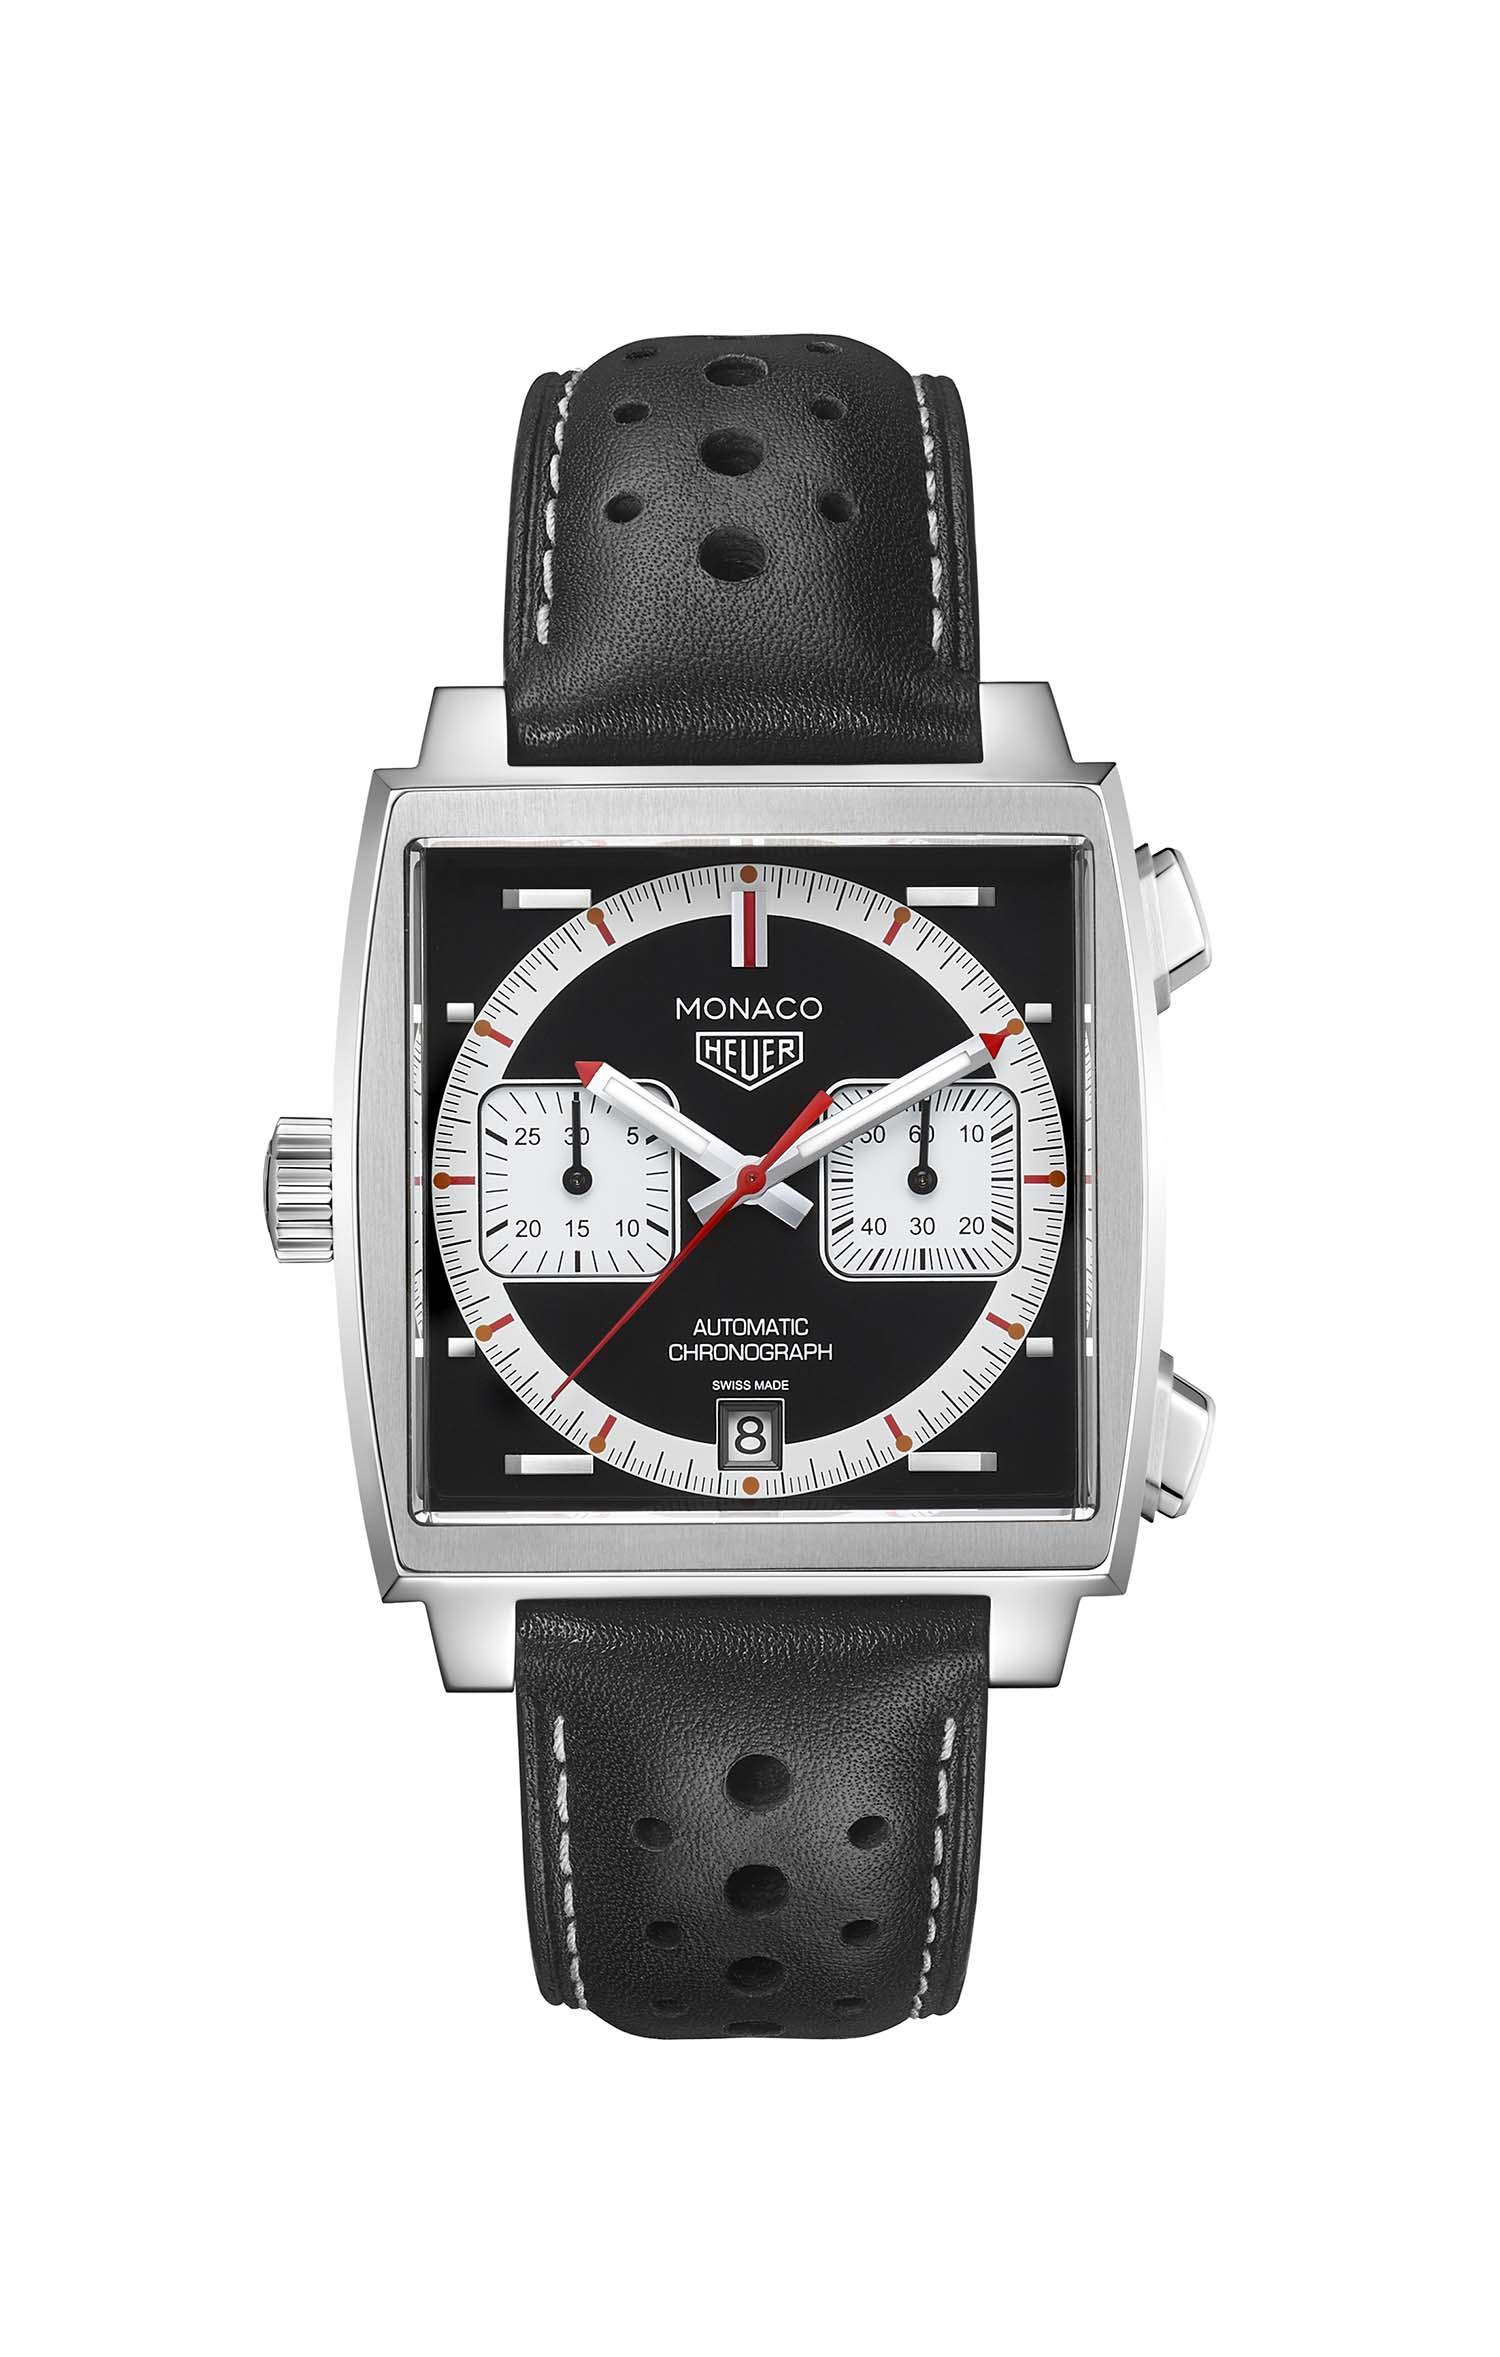 Tag Heuer horloge: De 4e Limited Edition van de Tag Heuer Monaco in een reeks van 5 edities